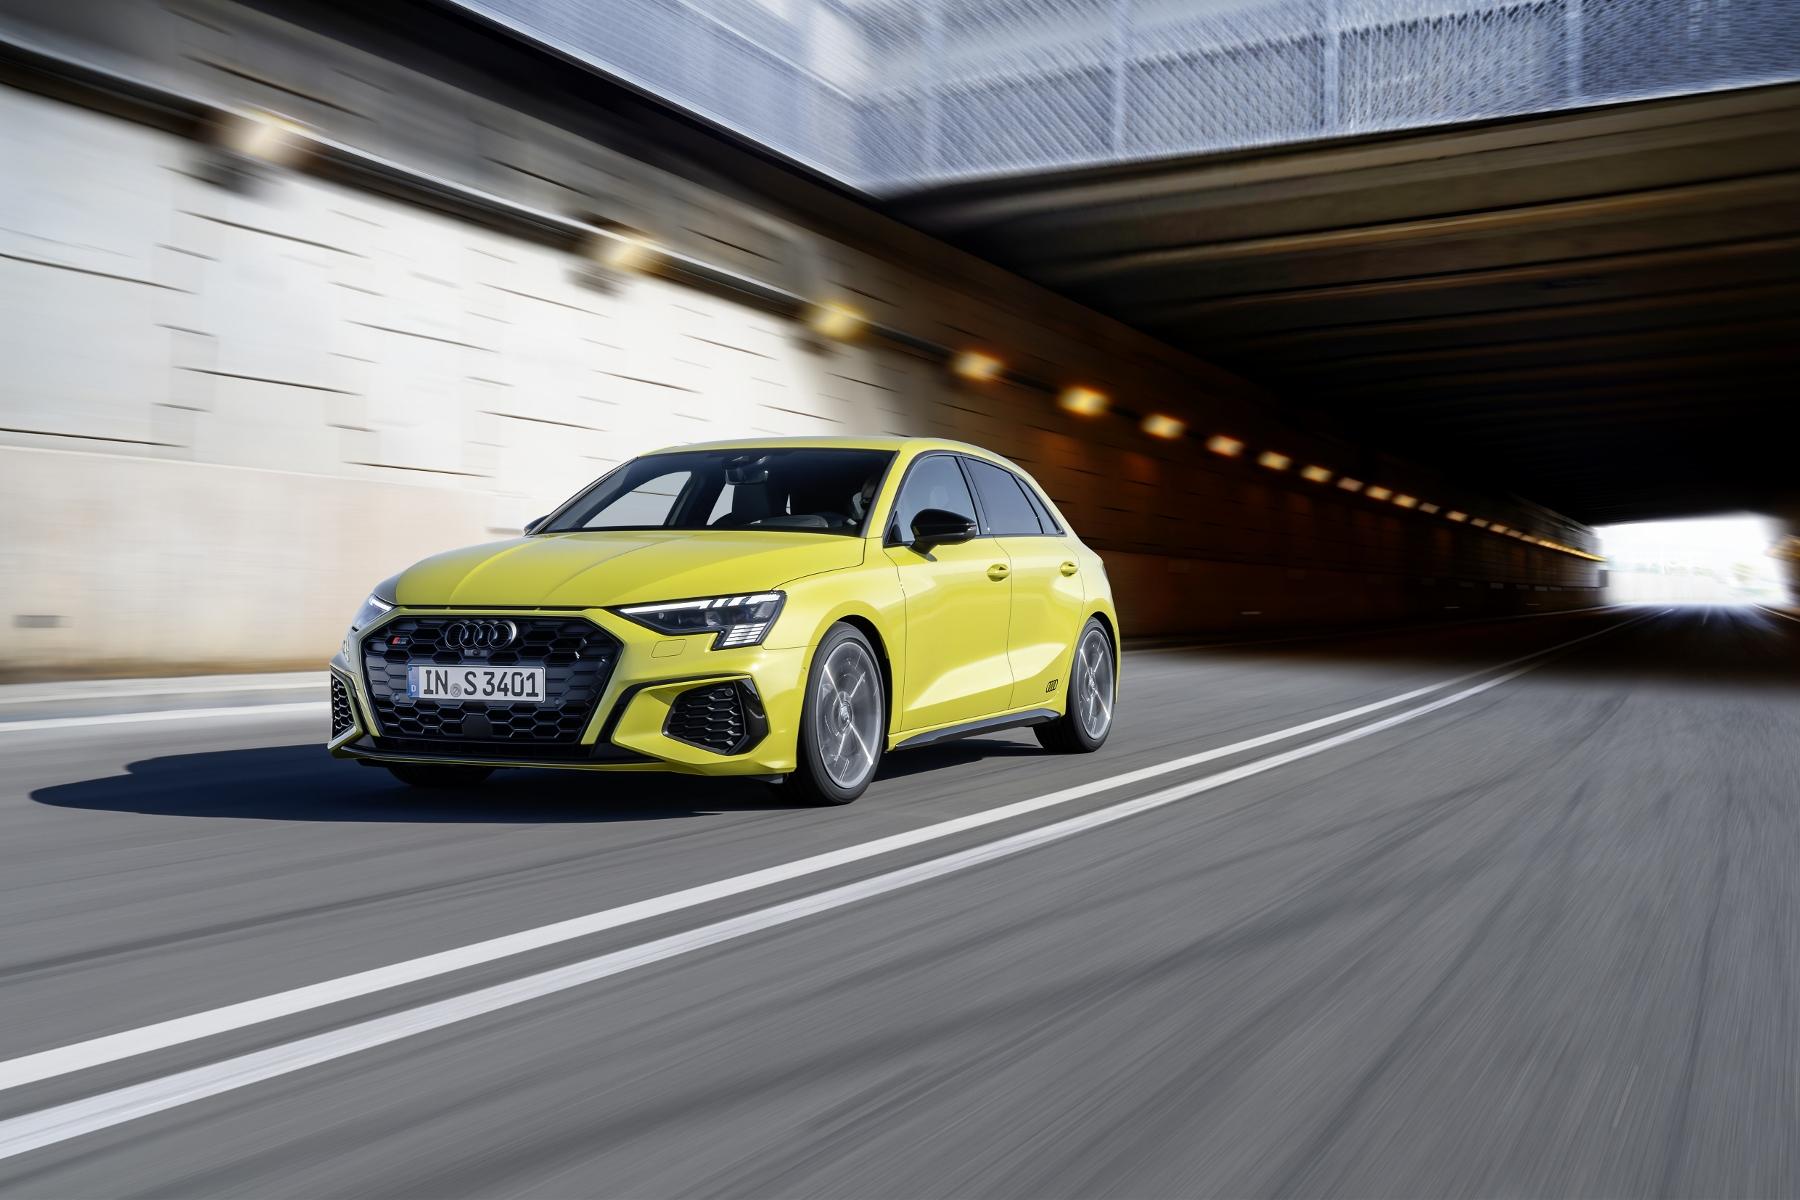 Audi ukázalo modely S3 Sedan a Sportback. Prezradilo aj nemeckú cenu zxUPUOcApT a204403large-1800x12